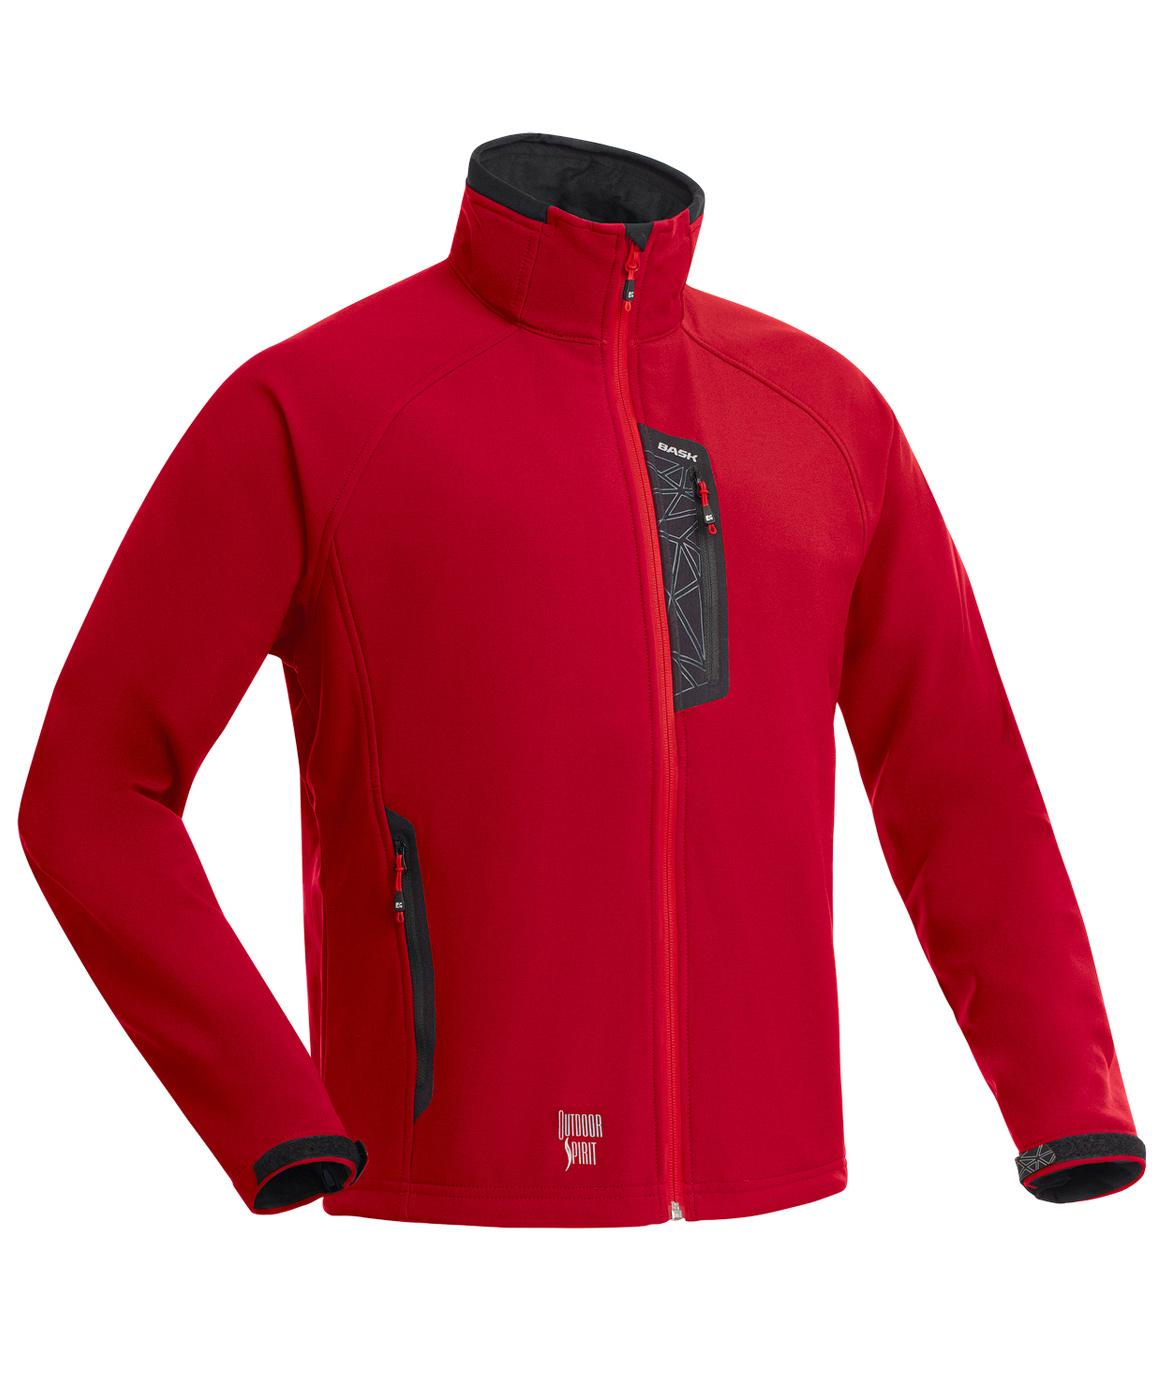 Куртка BASK PANZER V5 красная, Куртки из Polartec и флиса - арт. 994700330